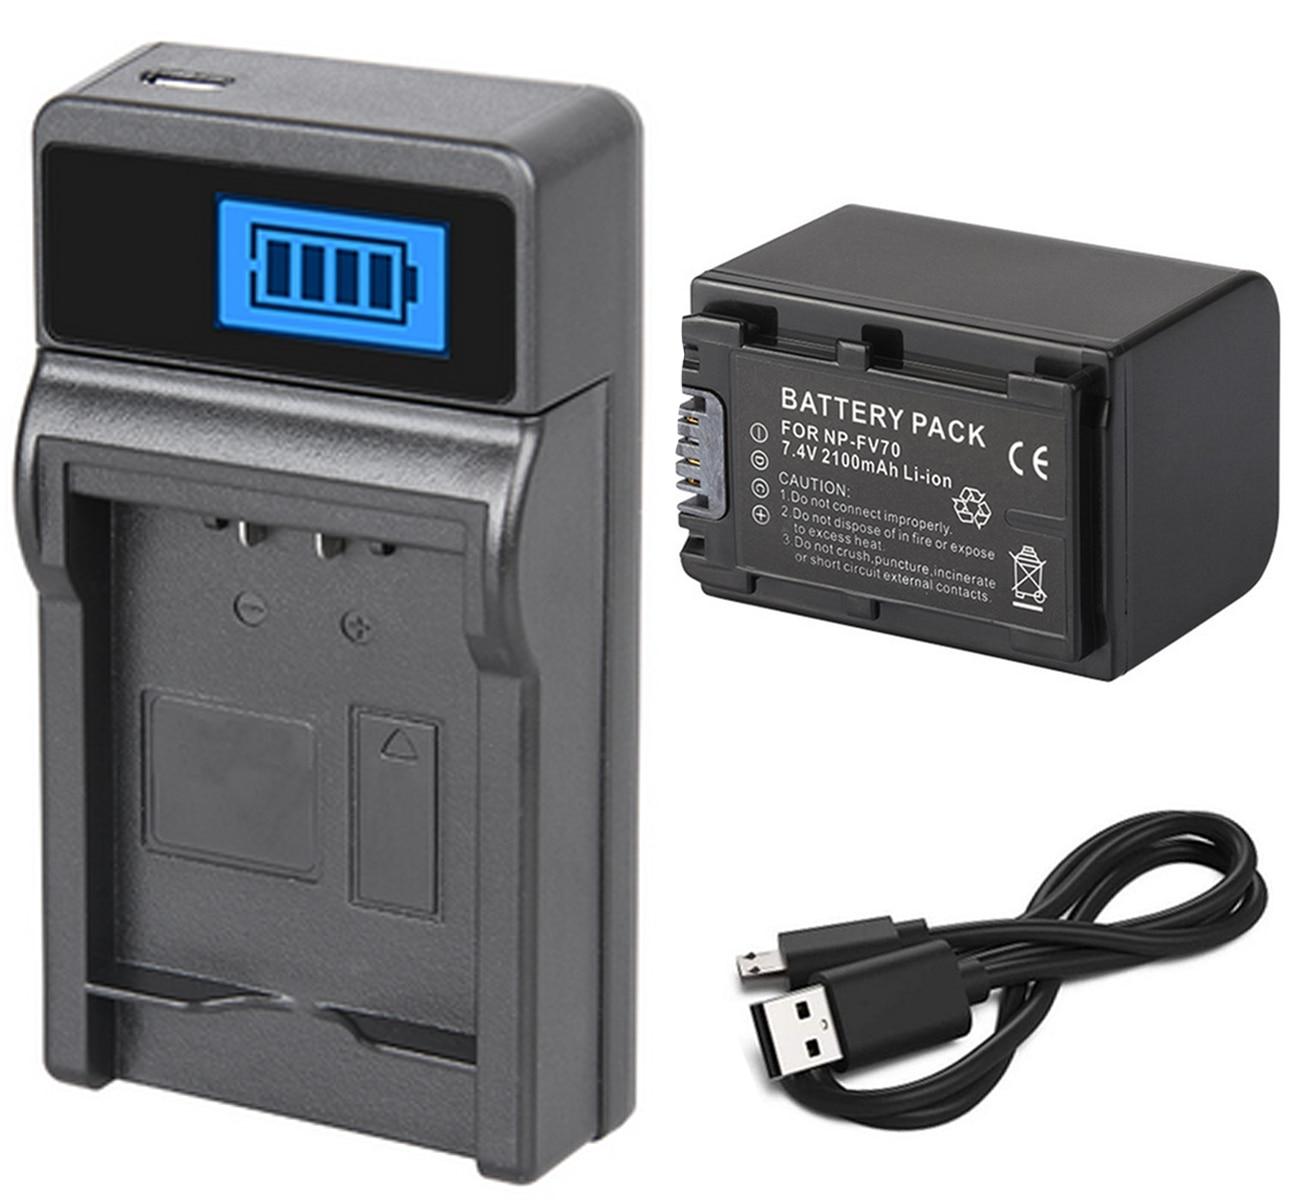 Batería + cargador para Sony DCR-PJ5E, DCR-PJ6E, HDR-PJ10E, HDR-PJ20E, HDR-PJ30VE, HDR-PJ40VE, HDR-PJ50VE,